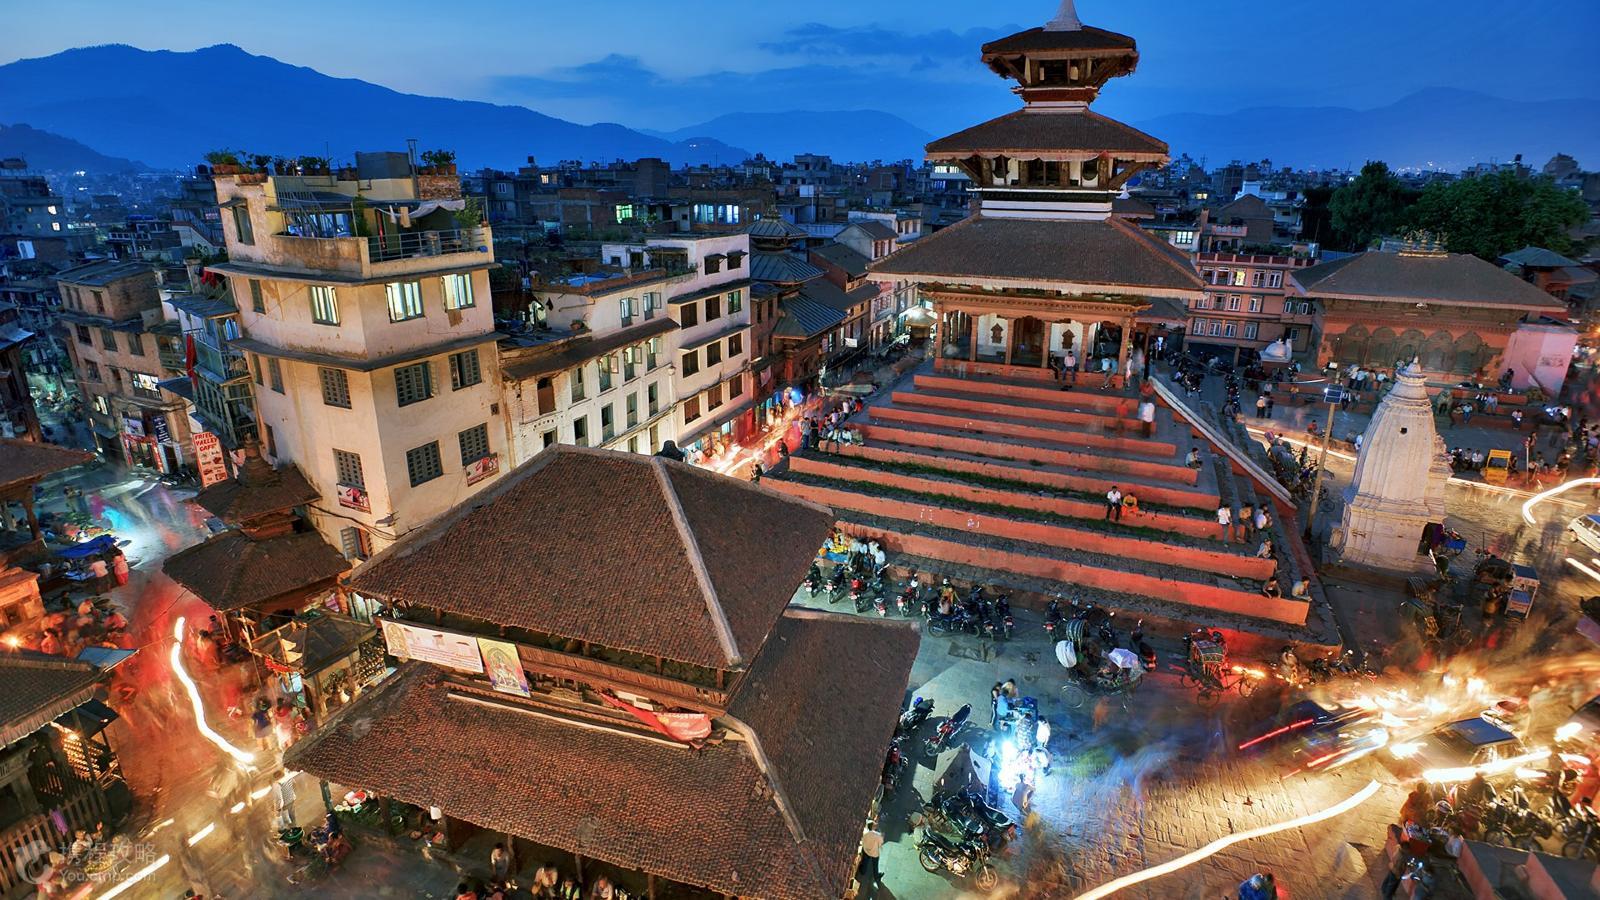 尼泊尔8晚9日游 (国航联运+加德满都3天+博卡拉3天+雪山日出+2天自由活动)